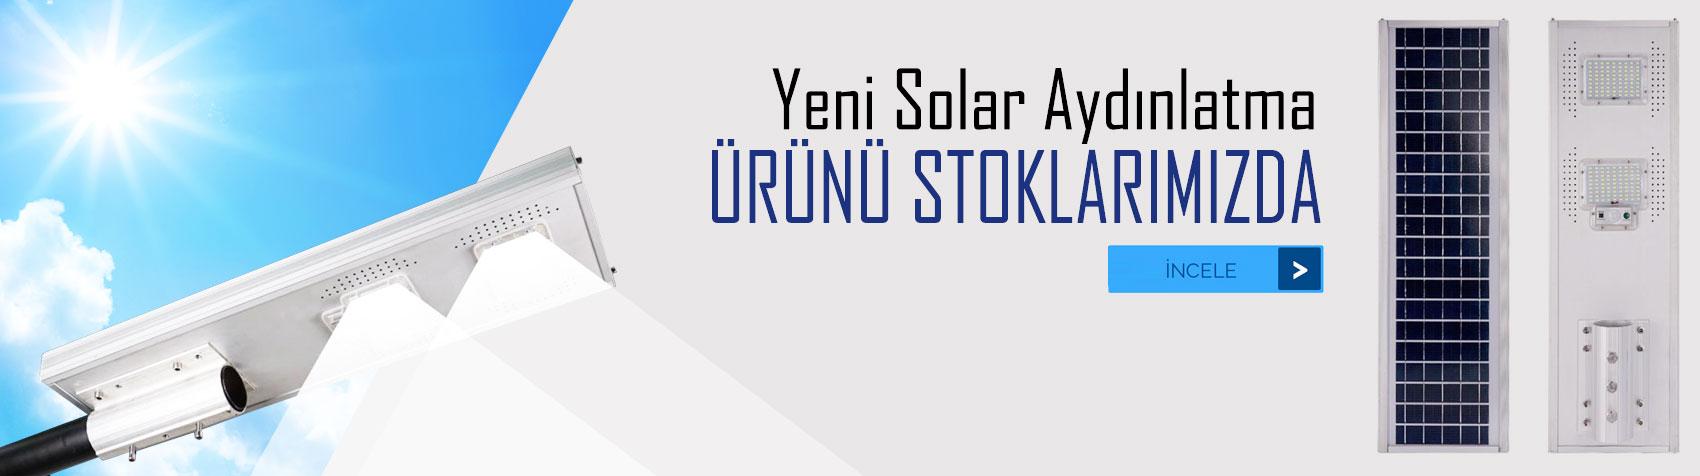 Yeni solar led lamba yaz, kış aydınlatmaya devam eder